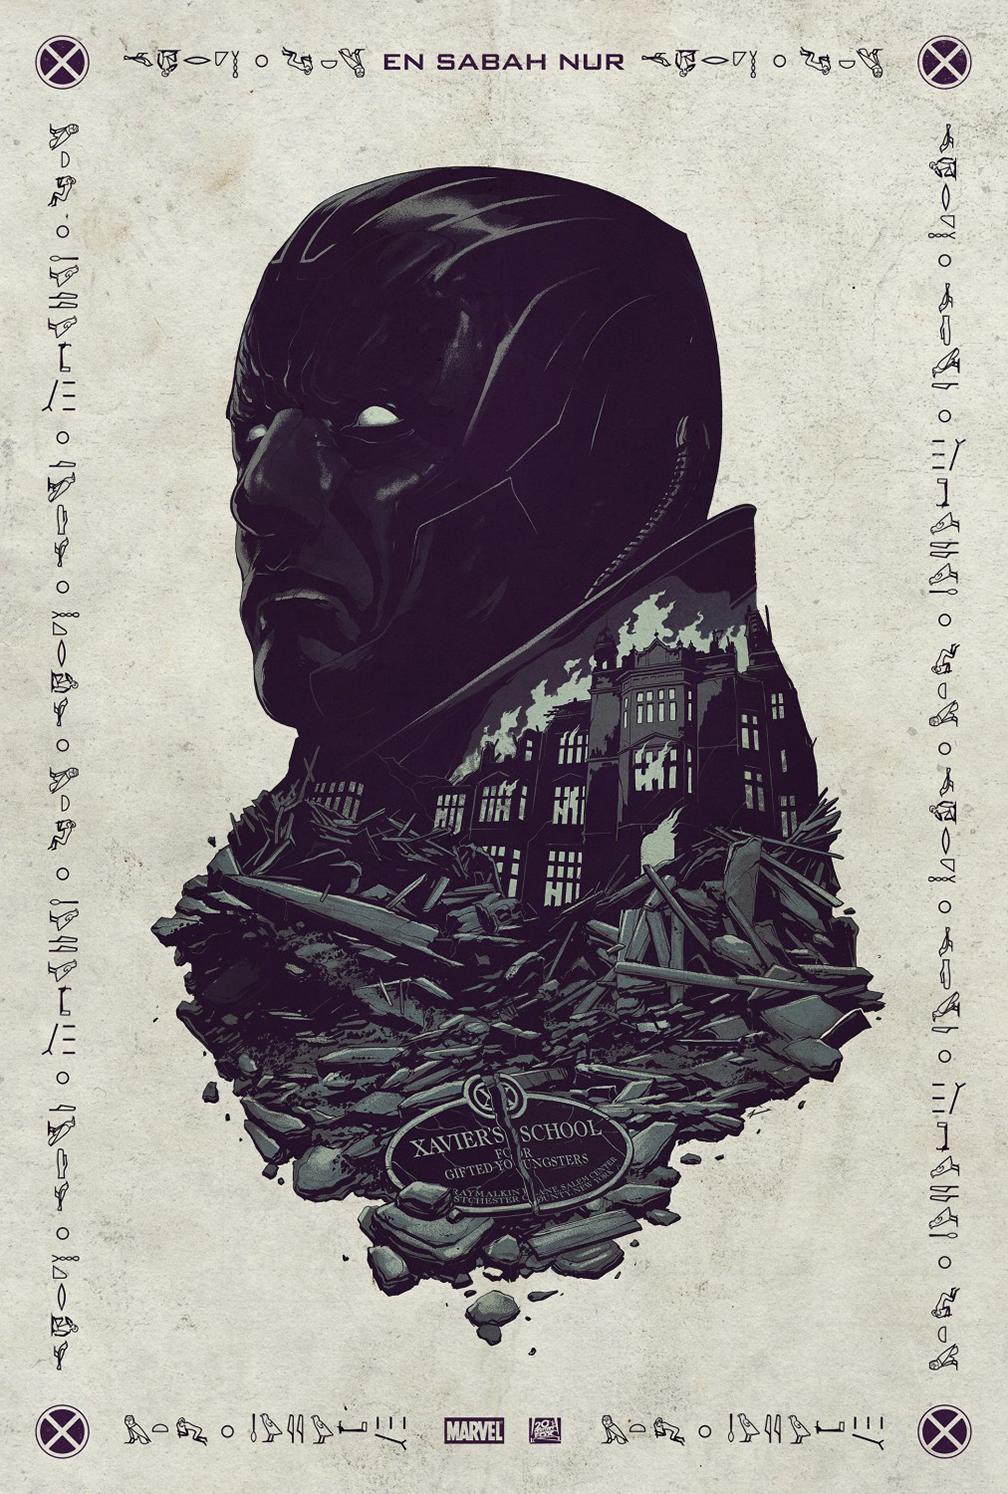 X-Men: Apocalypse Poster #2